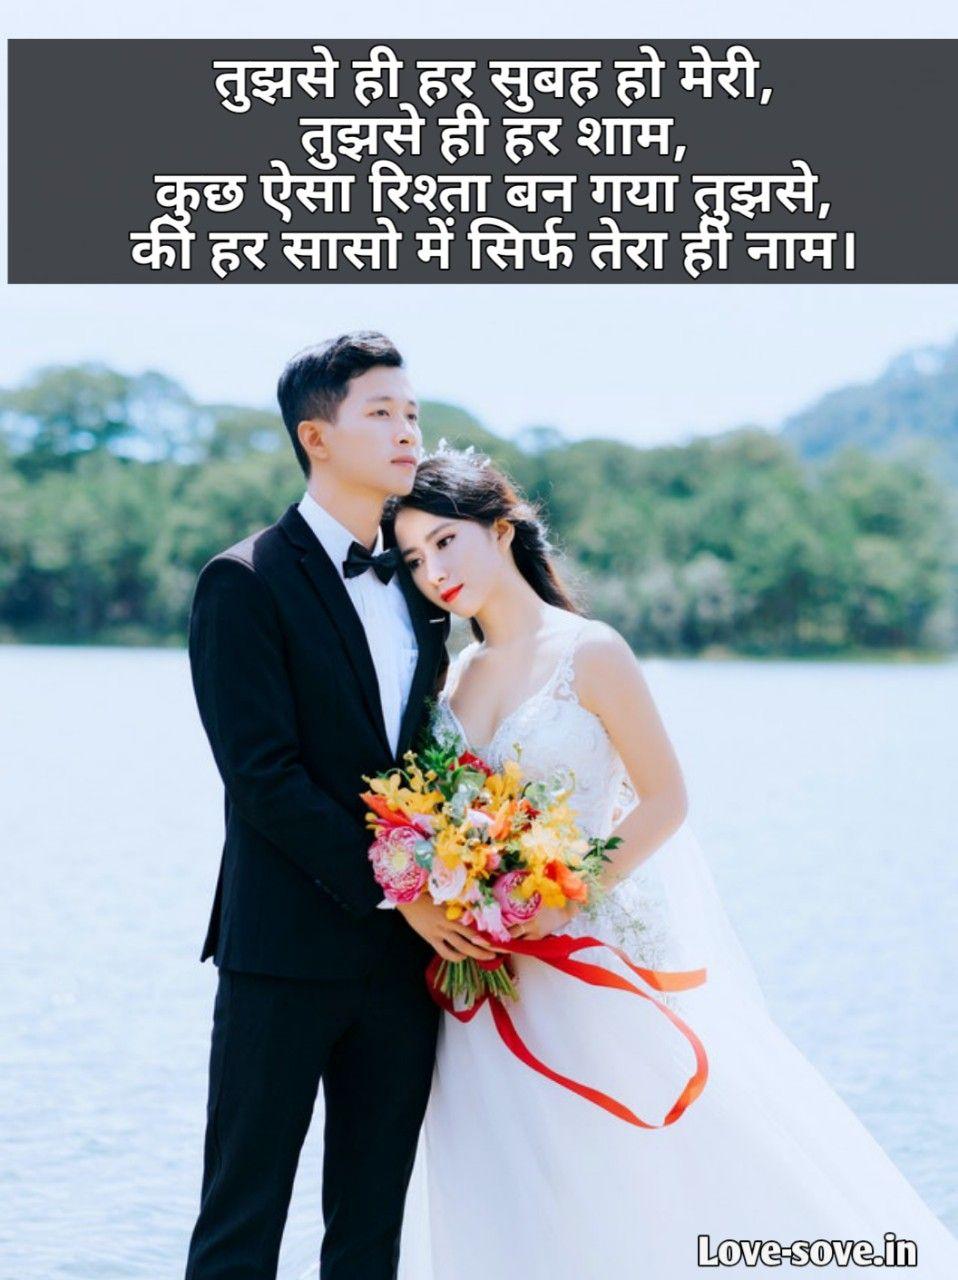 Romantic Shayari in 2020 | Happy married life, Captions ...